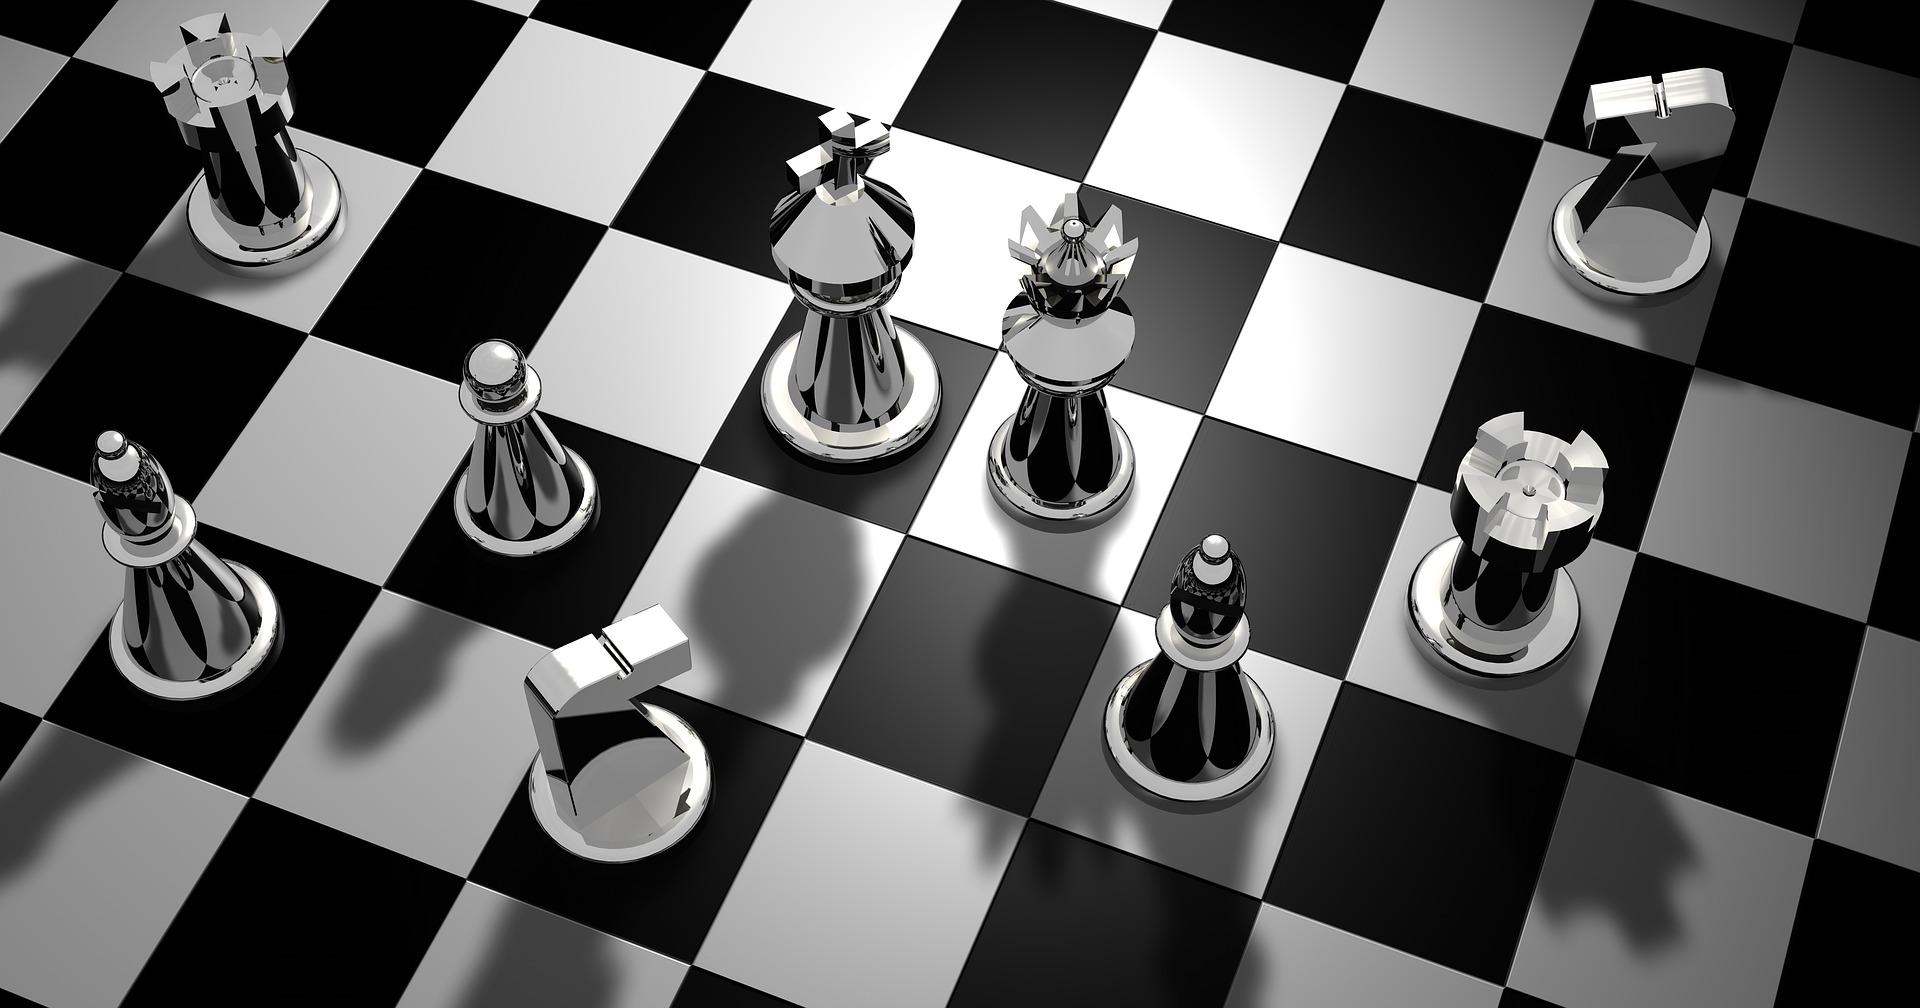 Kadar igram šah, tudi hitro shujšam…